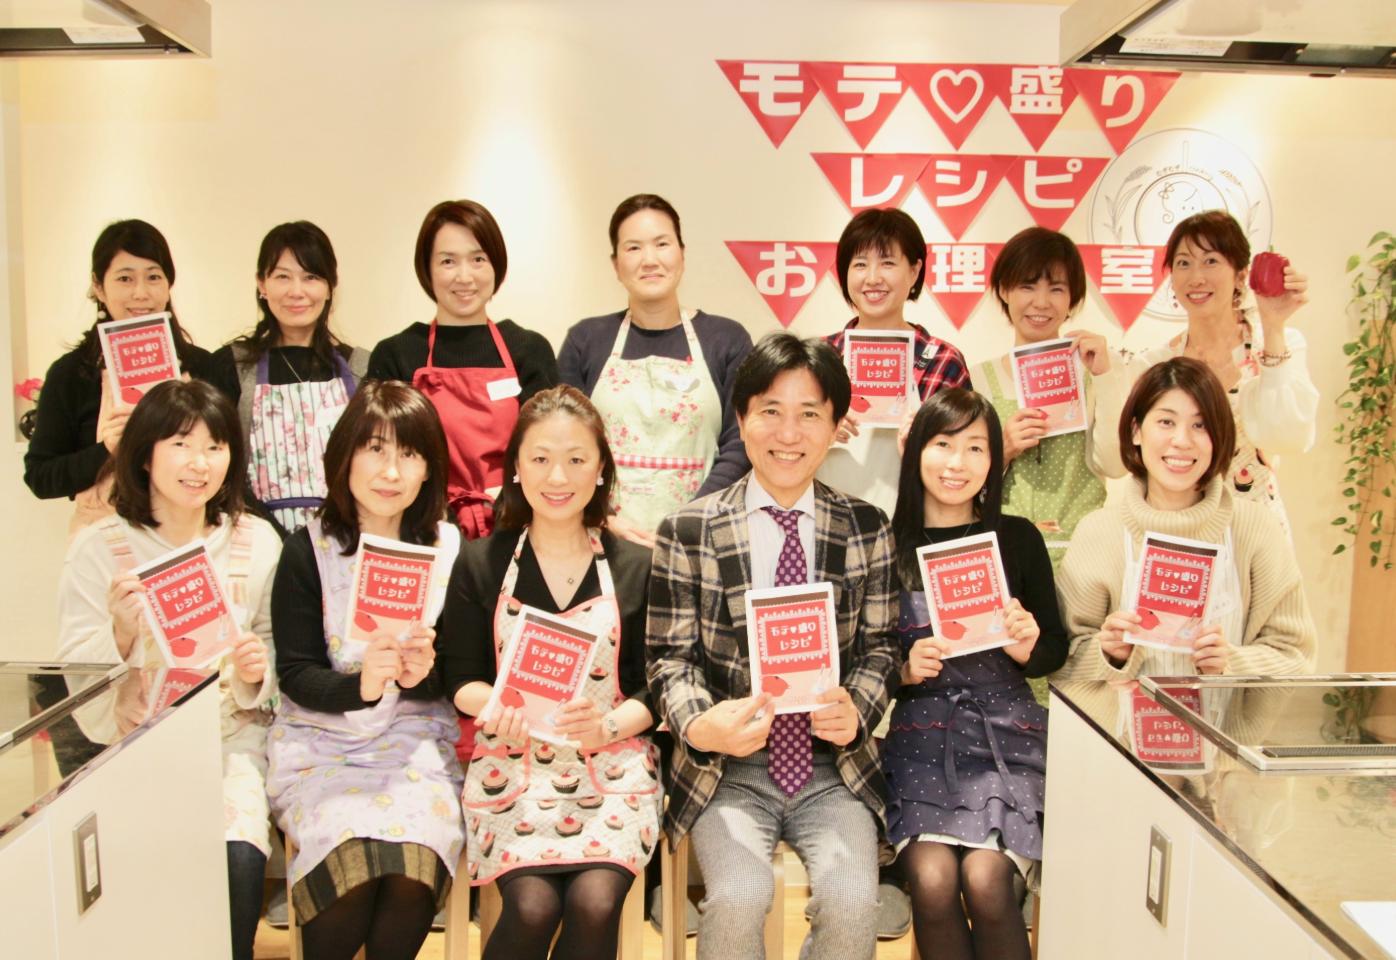 モテ盛りレシピお料理教室での、みんな笑顔の集合写真